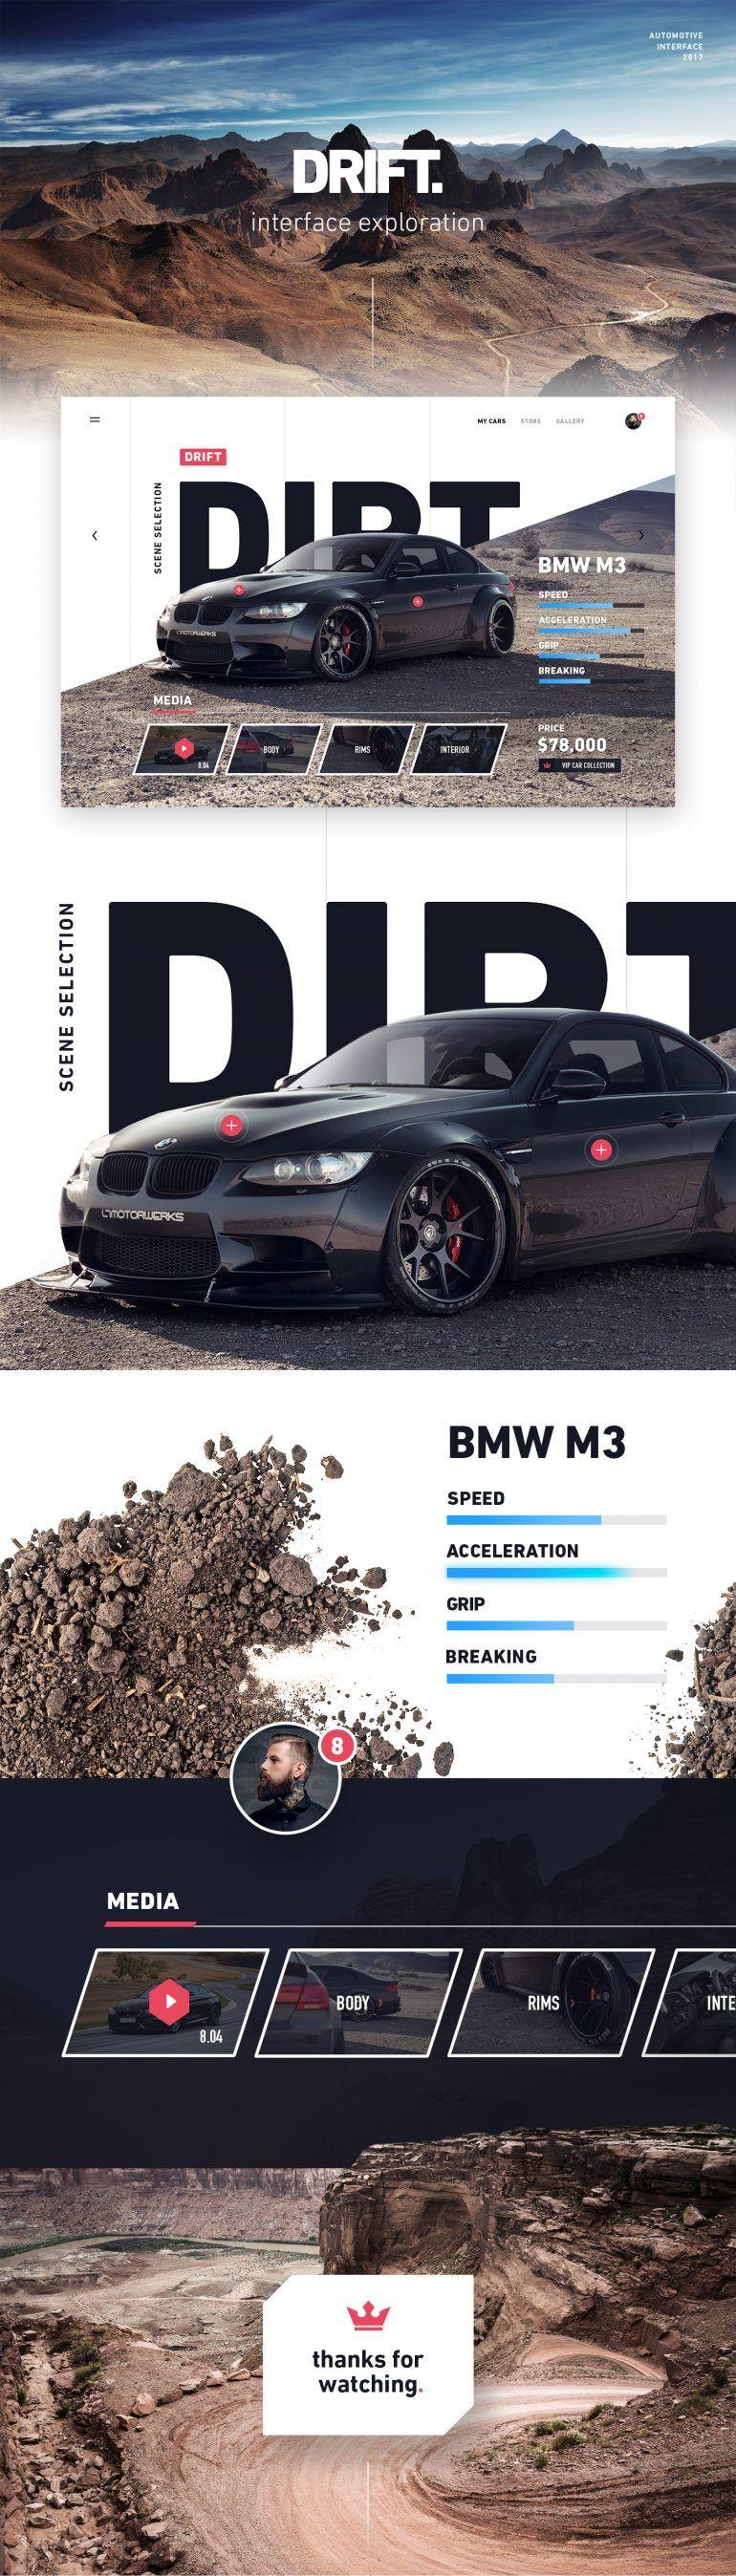 Car Concept Website Web Layout Design Website Design Web Design Inspiration